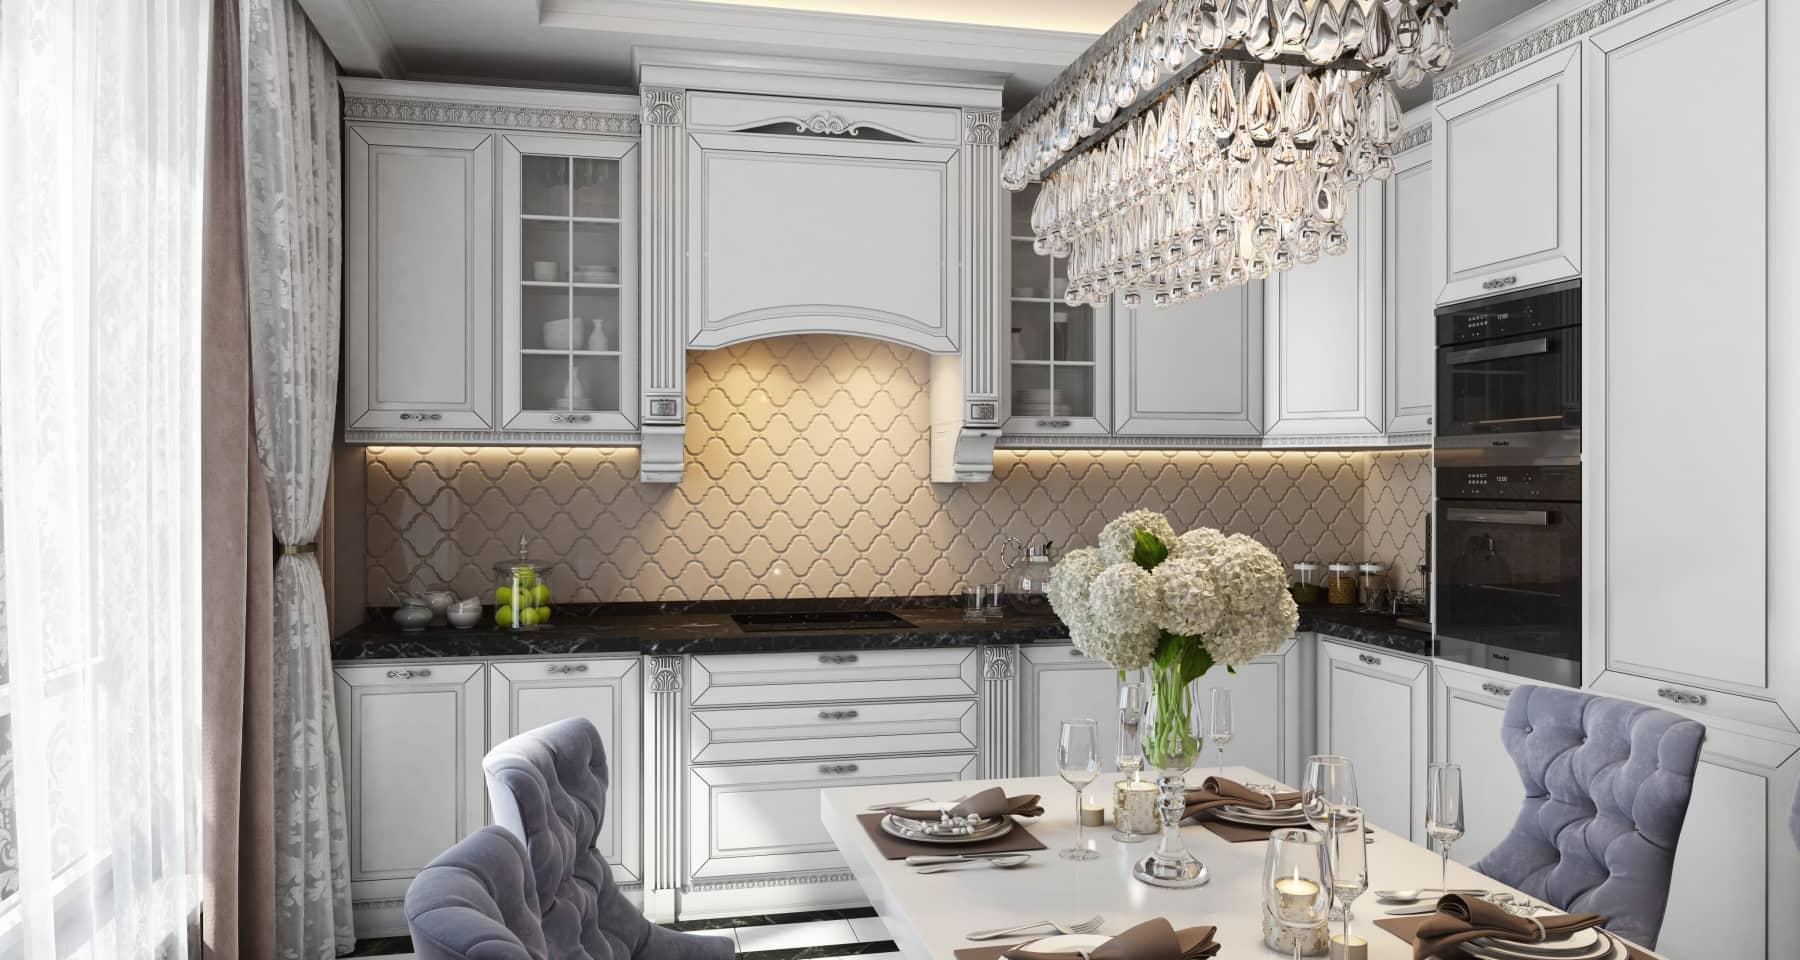 Интерьер кухни в стиле неоклассика в московской квартире